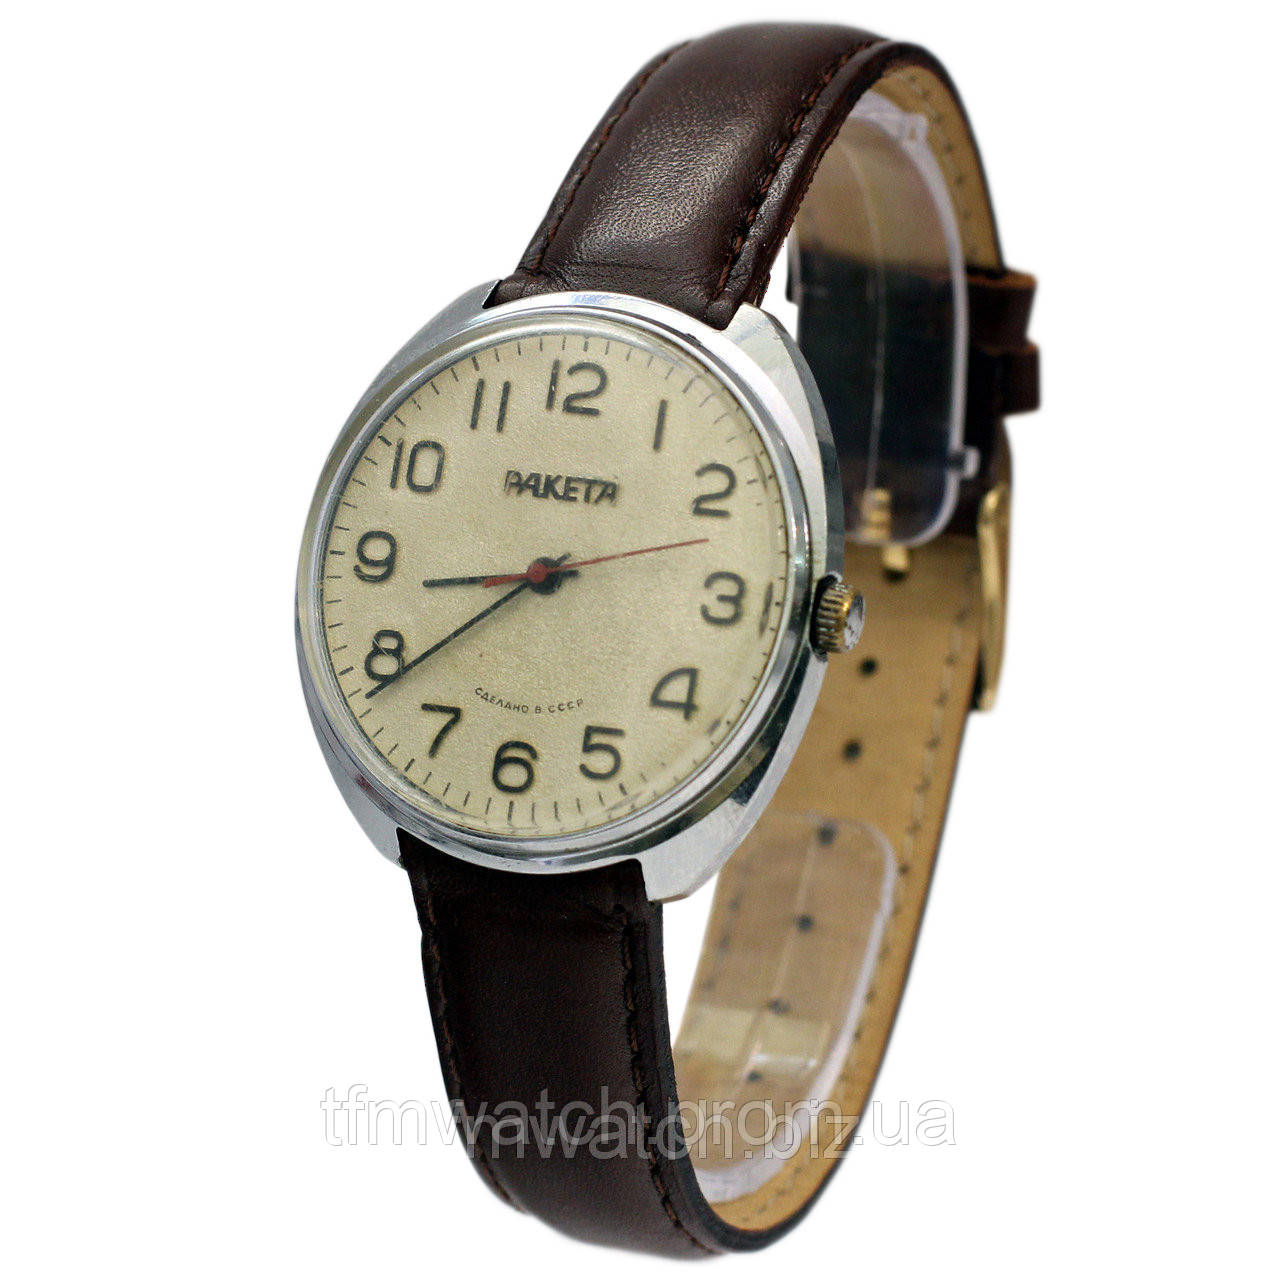 Крупнейший магазин наручных часов в москве часы наручные слава капитан